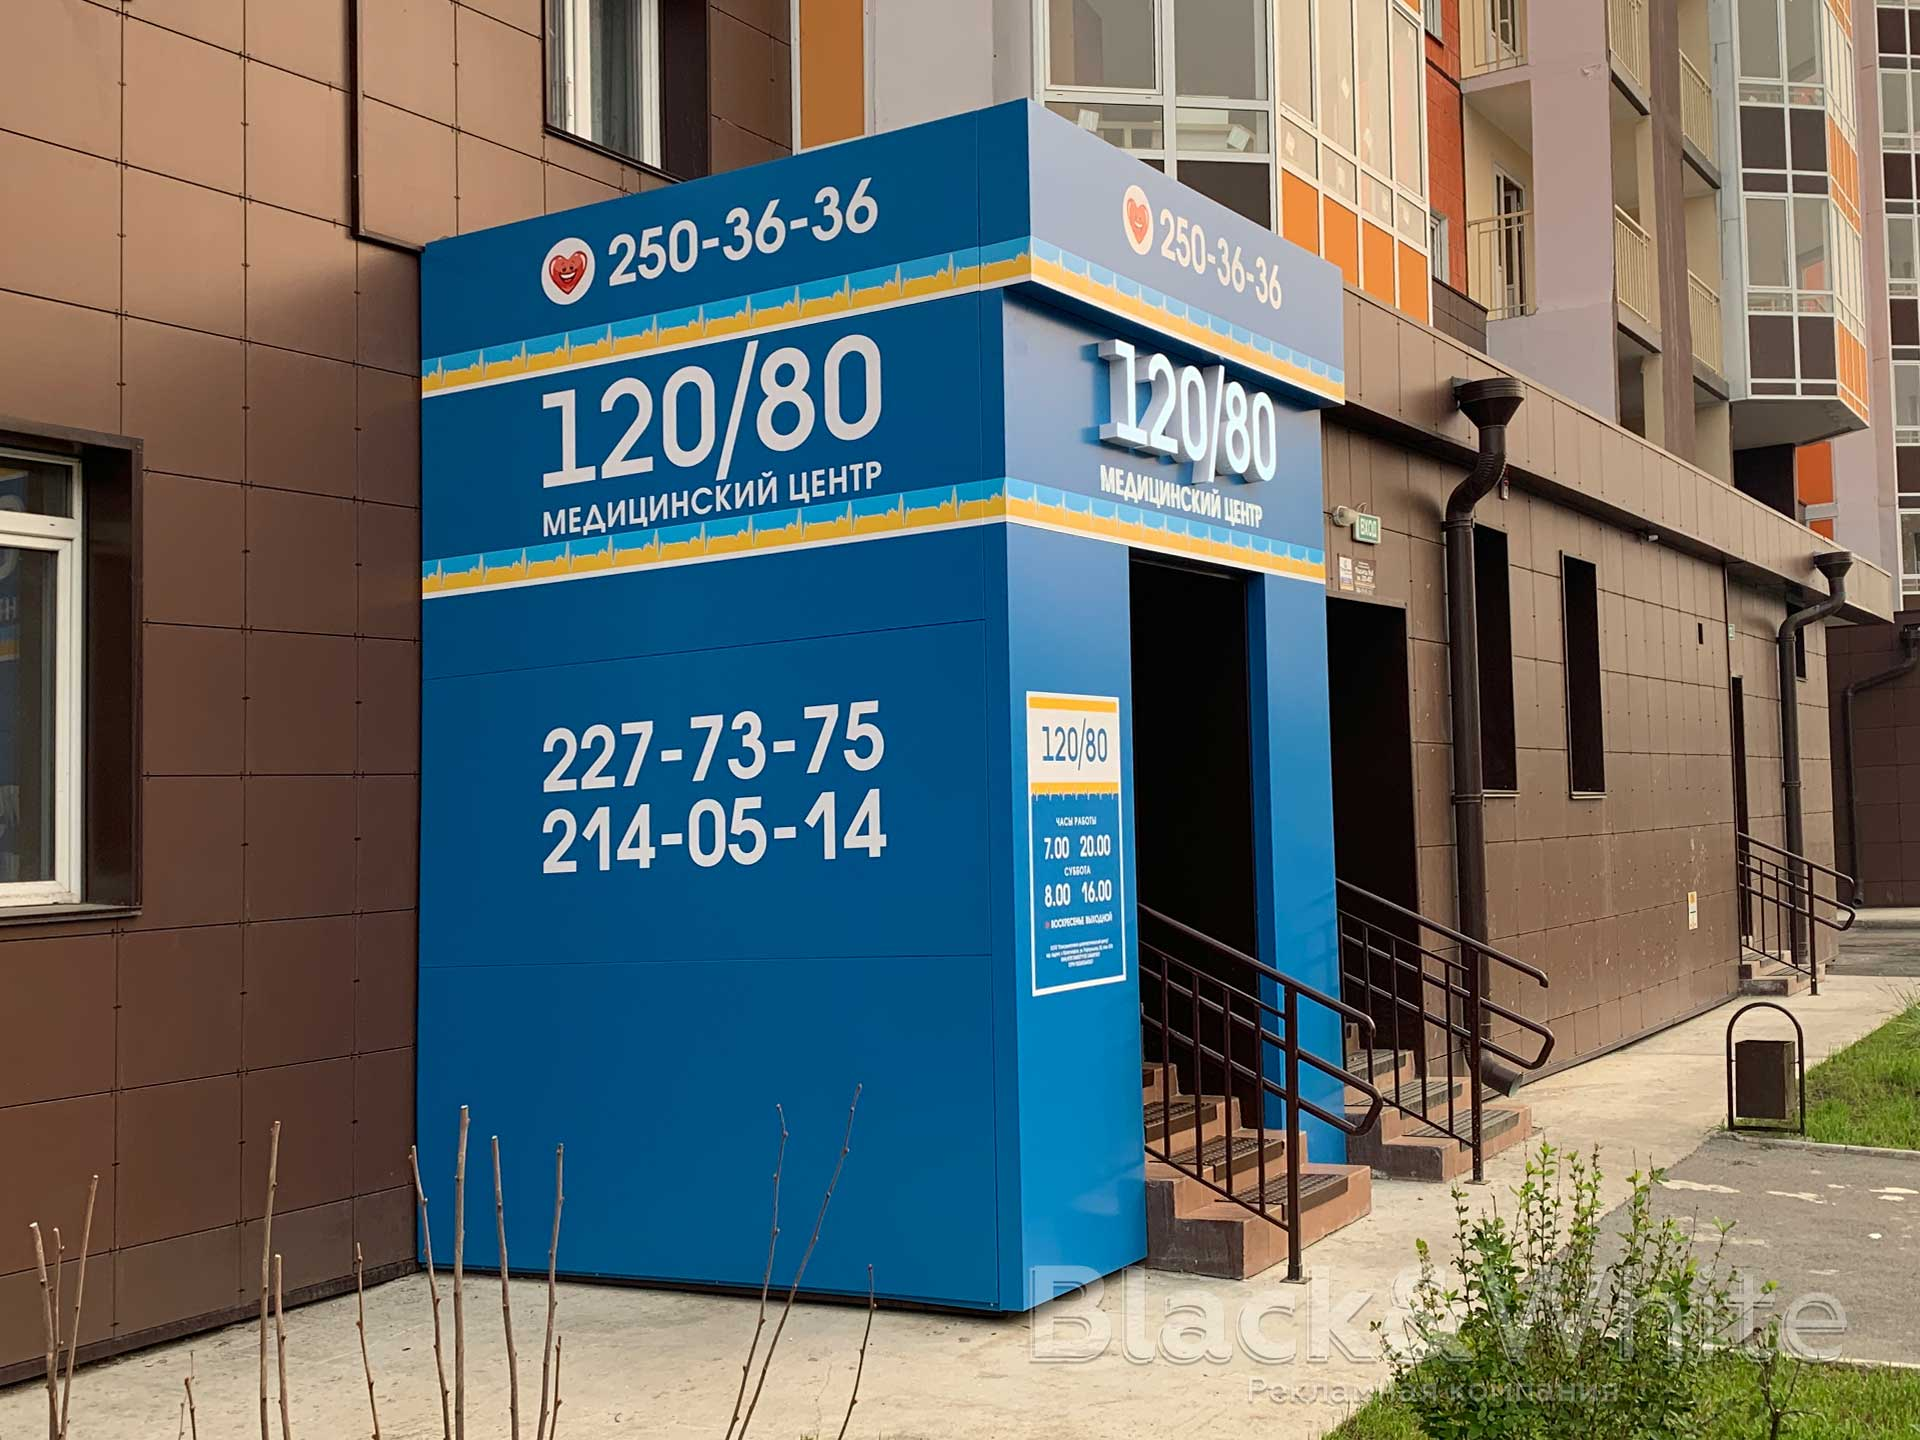 Рекламная-входная-группа-для-медицинского-центра-с-световым-коробом.jpg